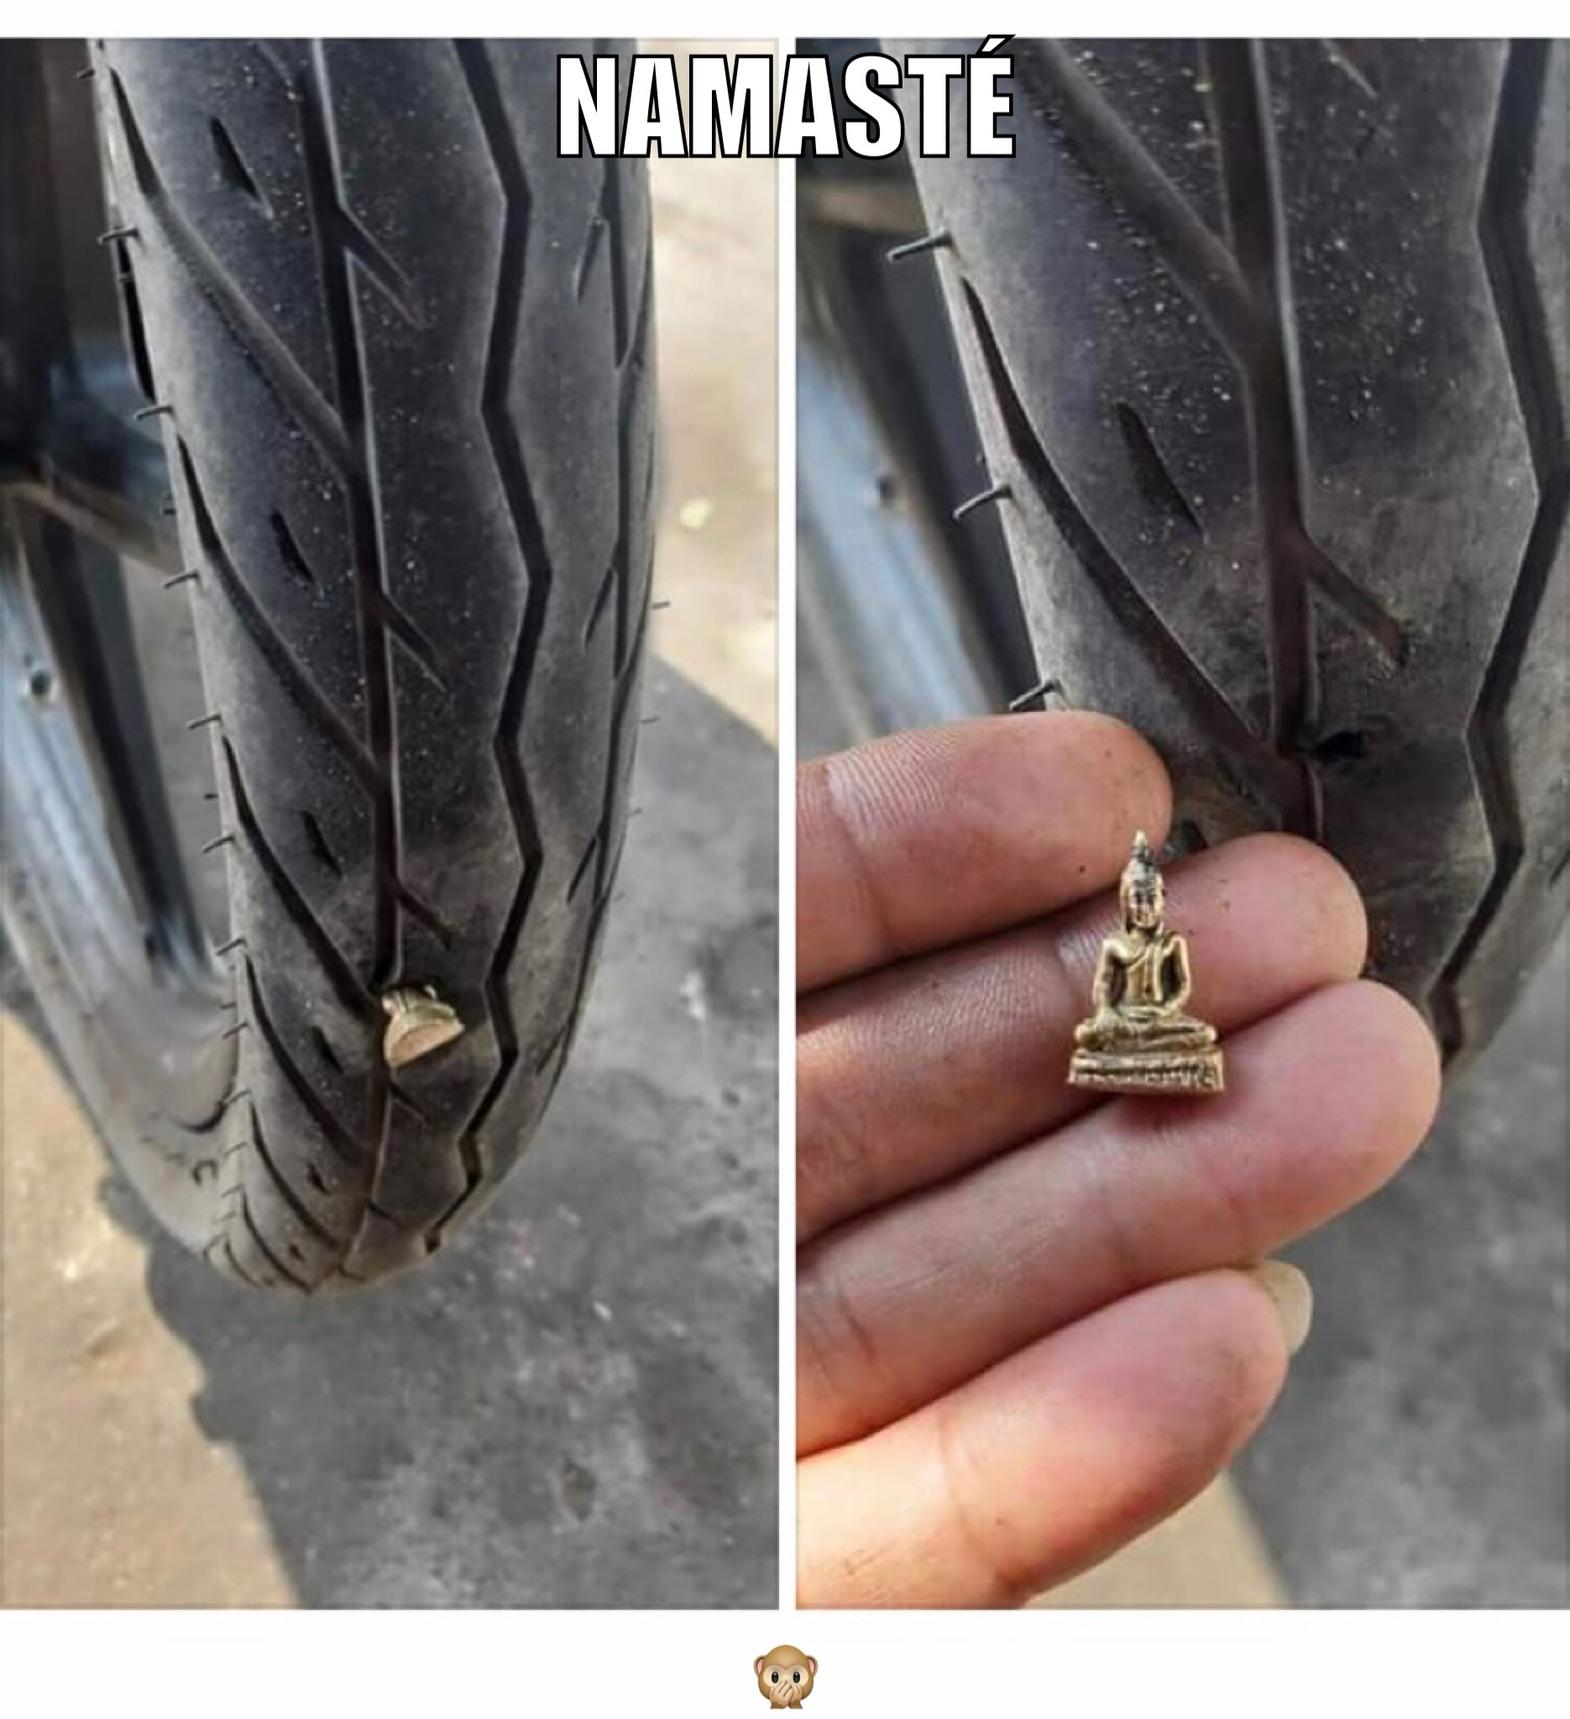 Namasté curry lovers - meme